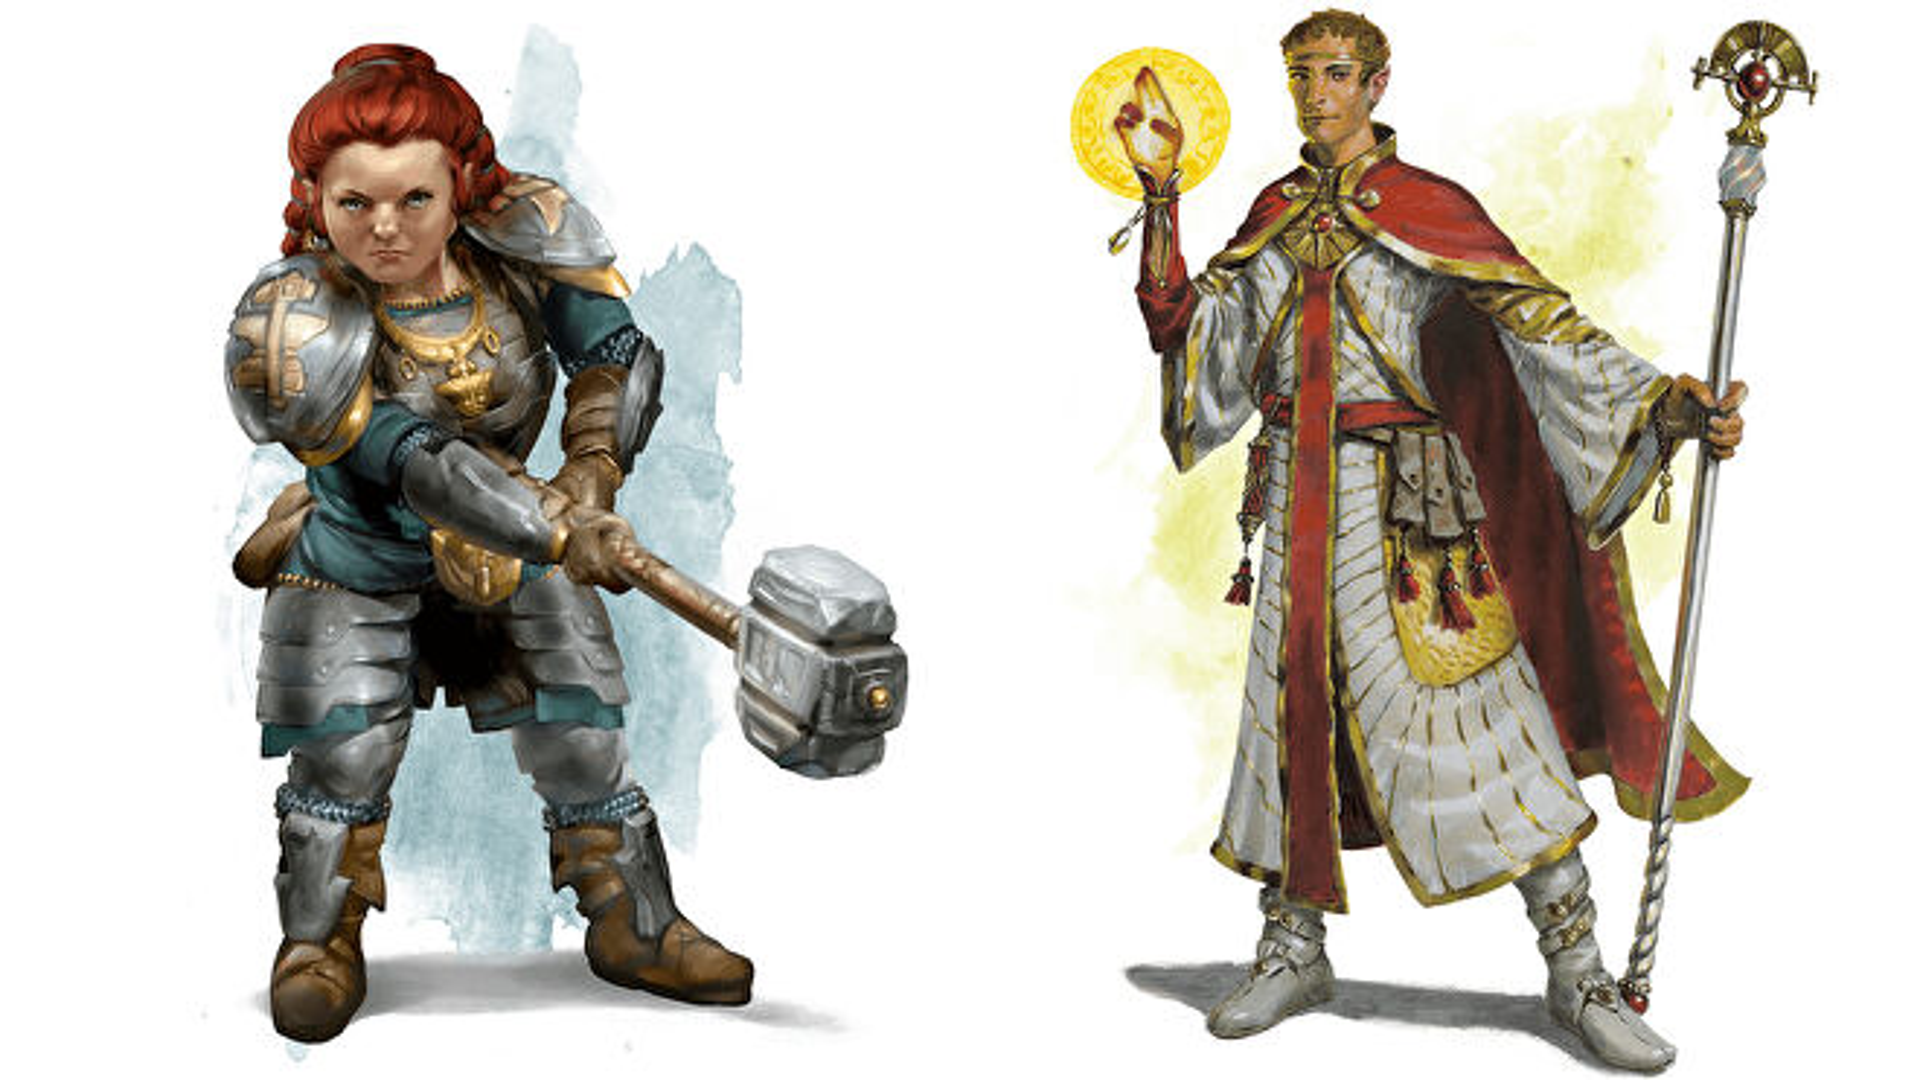 D&D Cleric images 8